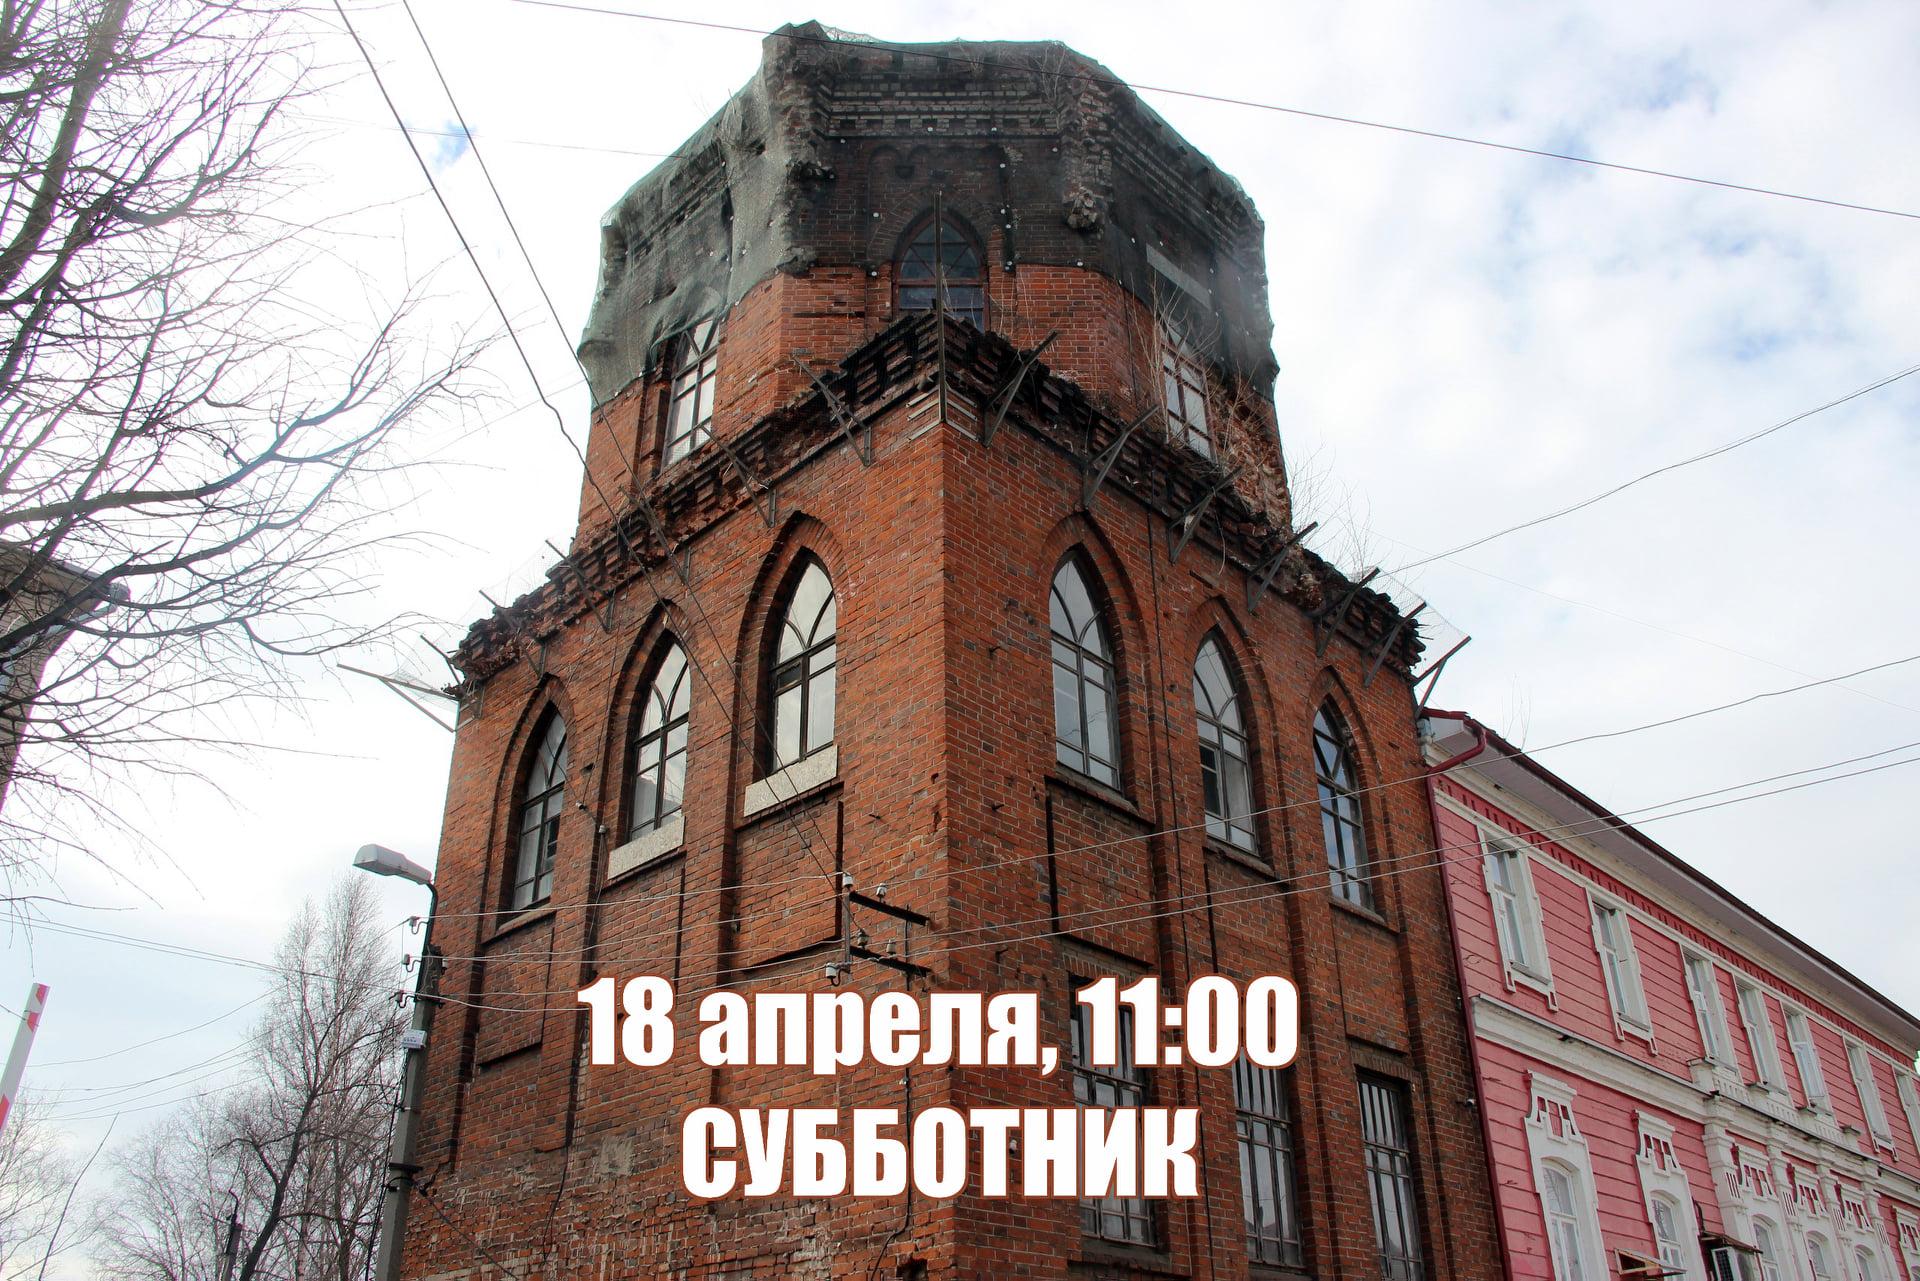 В Водонапорной башне в Слободском пройдет субботник